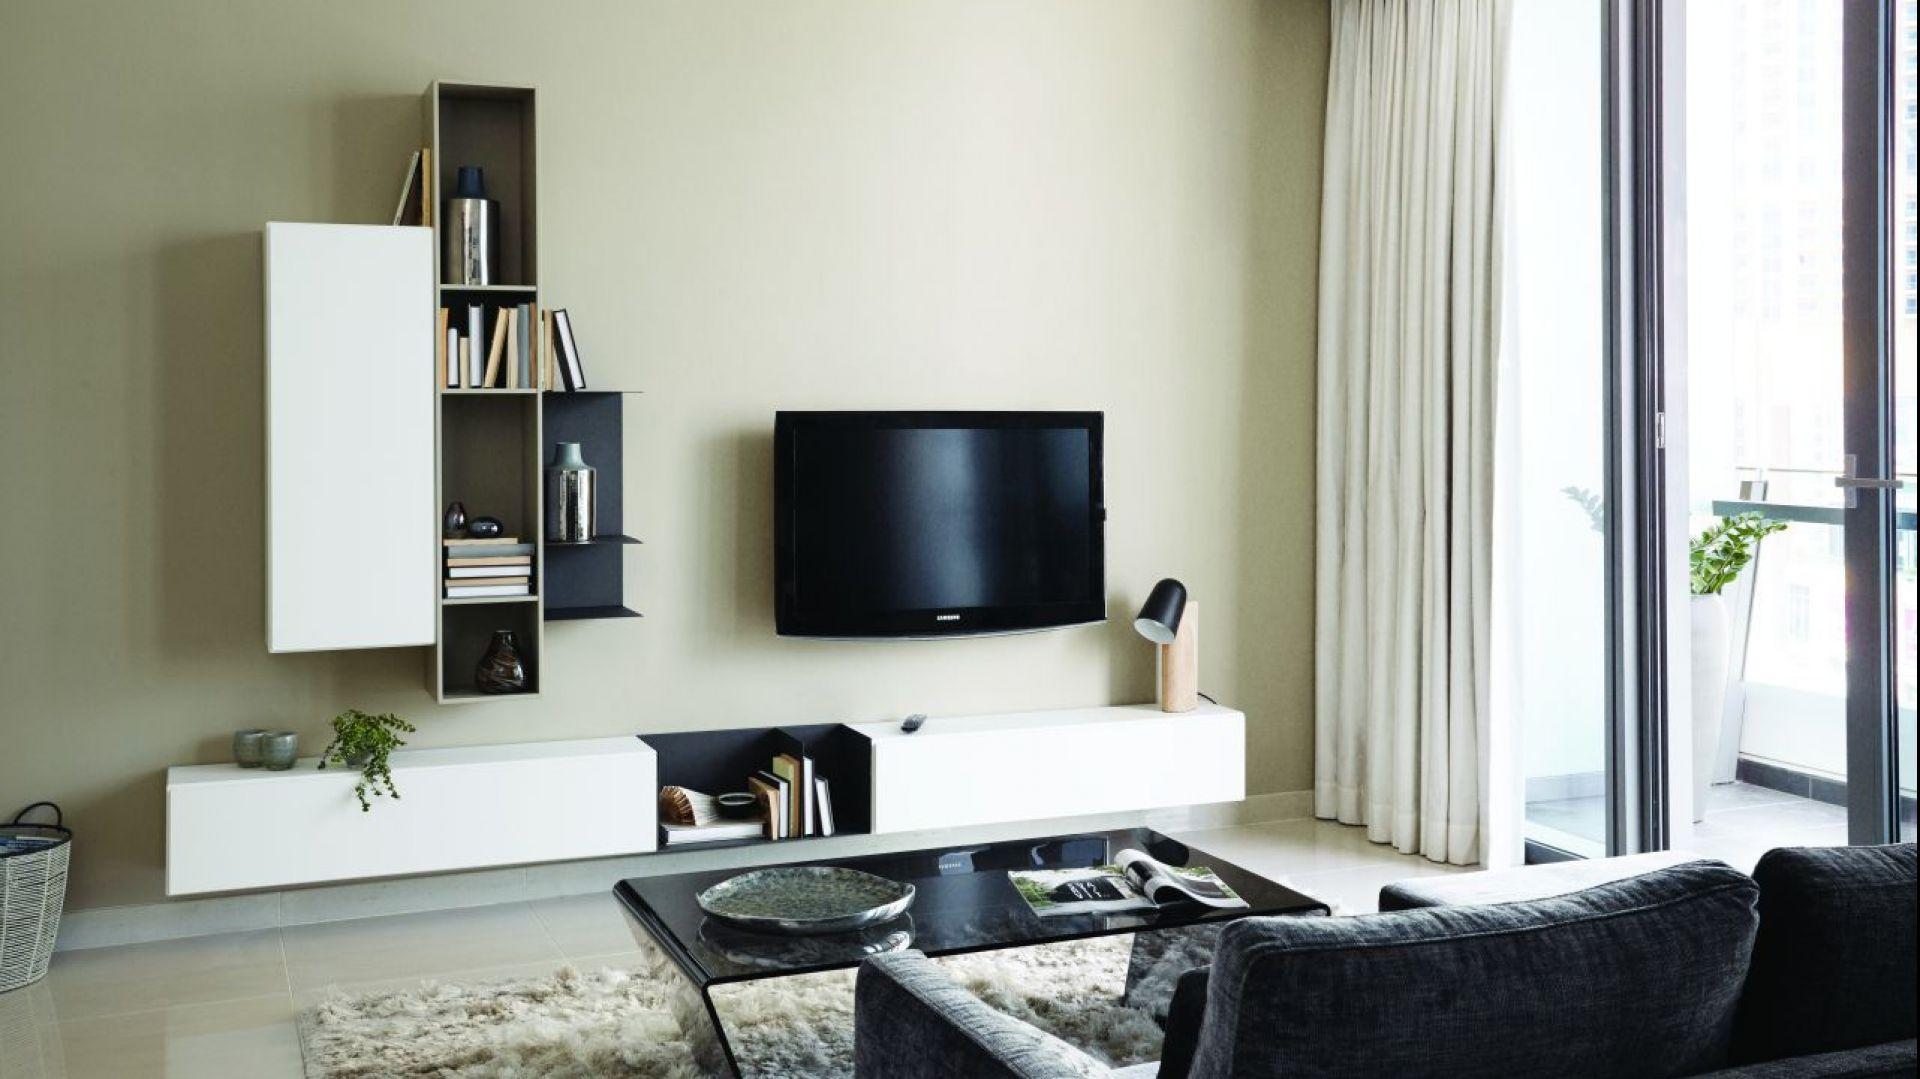 Nowoczesny salon wcale nie musi oznaczać ogromnej przestrzeni. Dzięki minimalistycznym meblom nawet najmniejsze pomieszczenie można urządzić nowocześnie. Fot. BoConcept